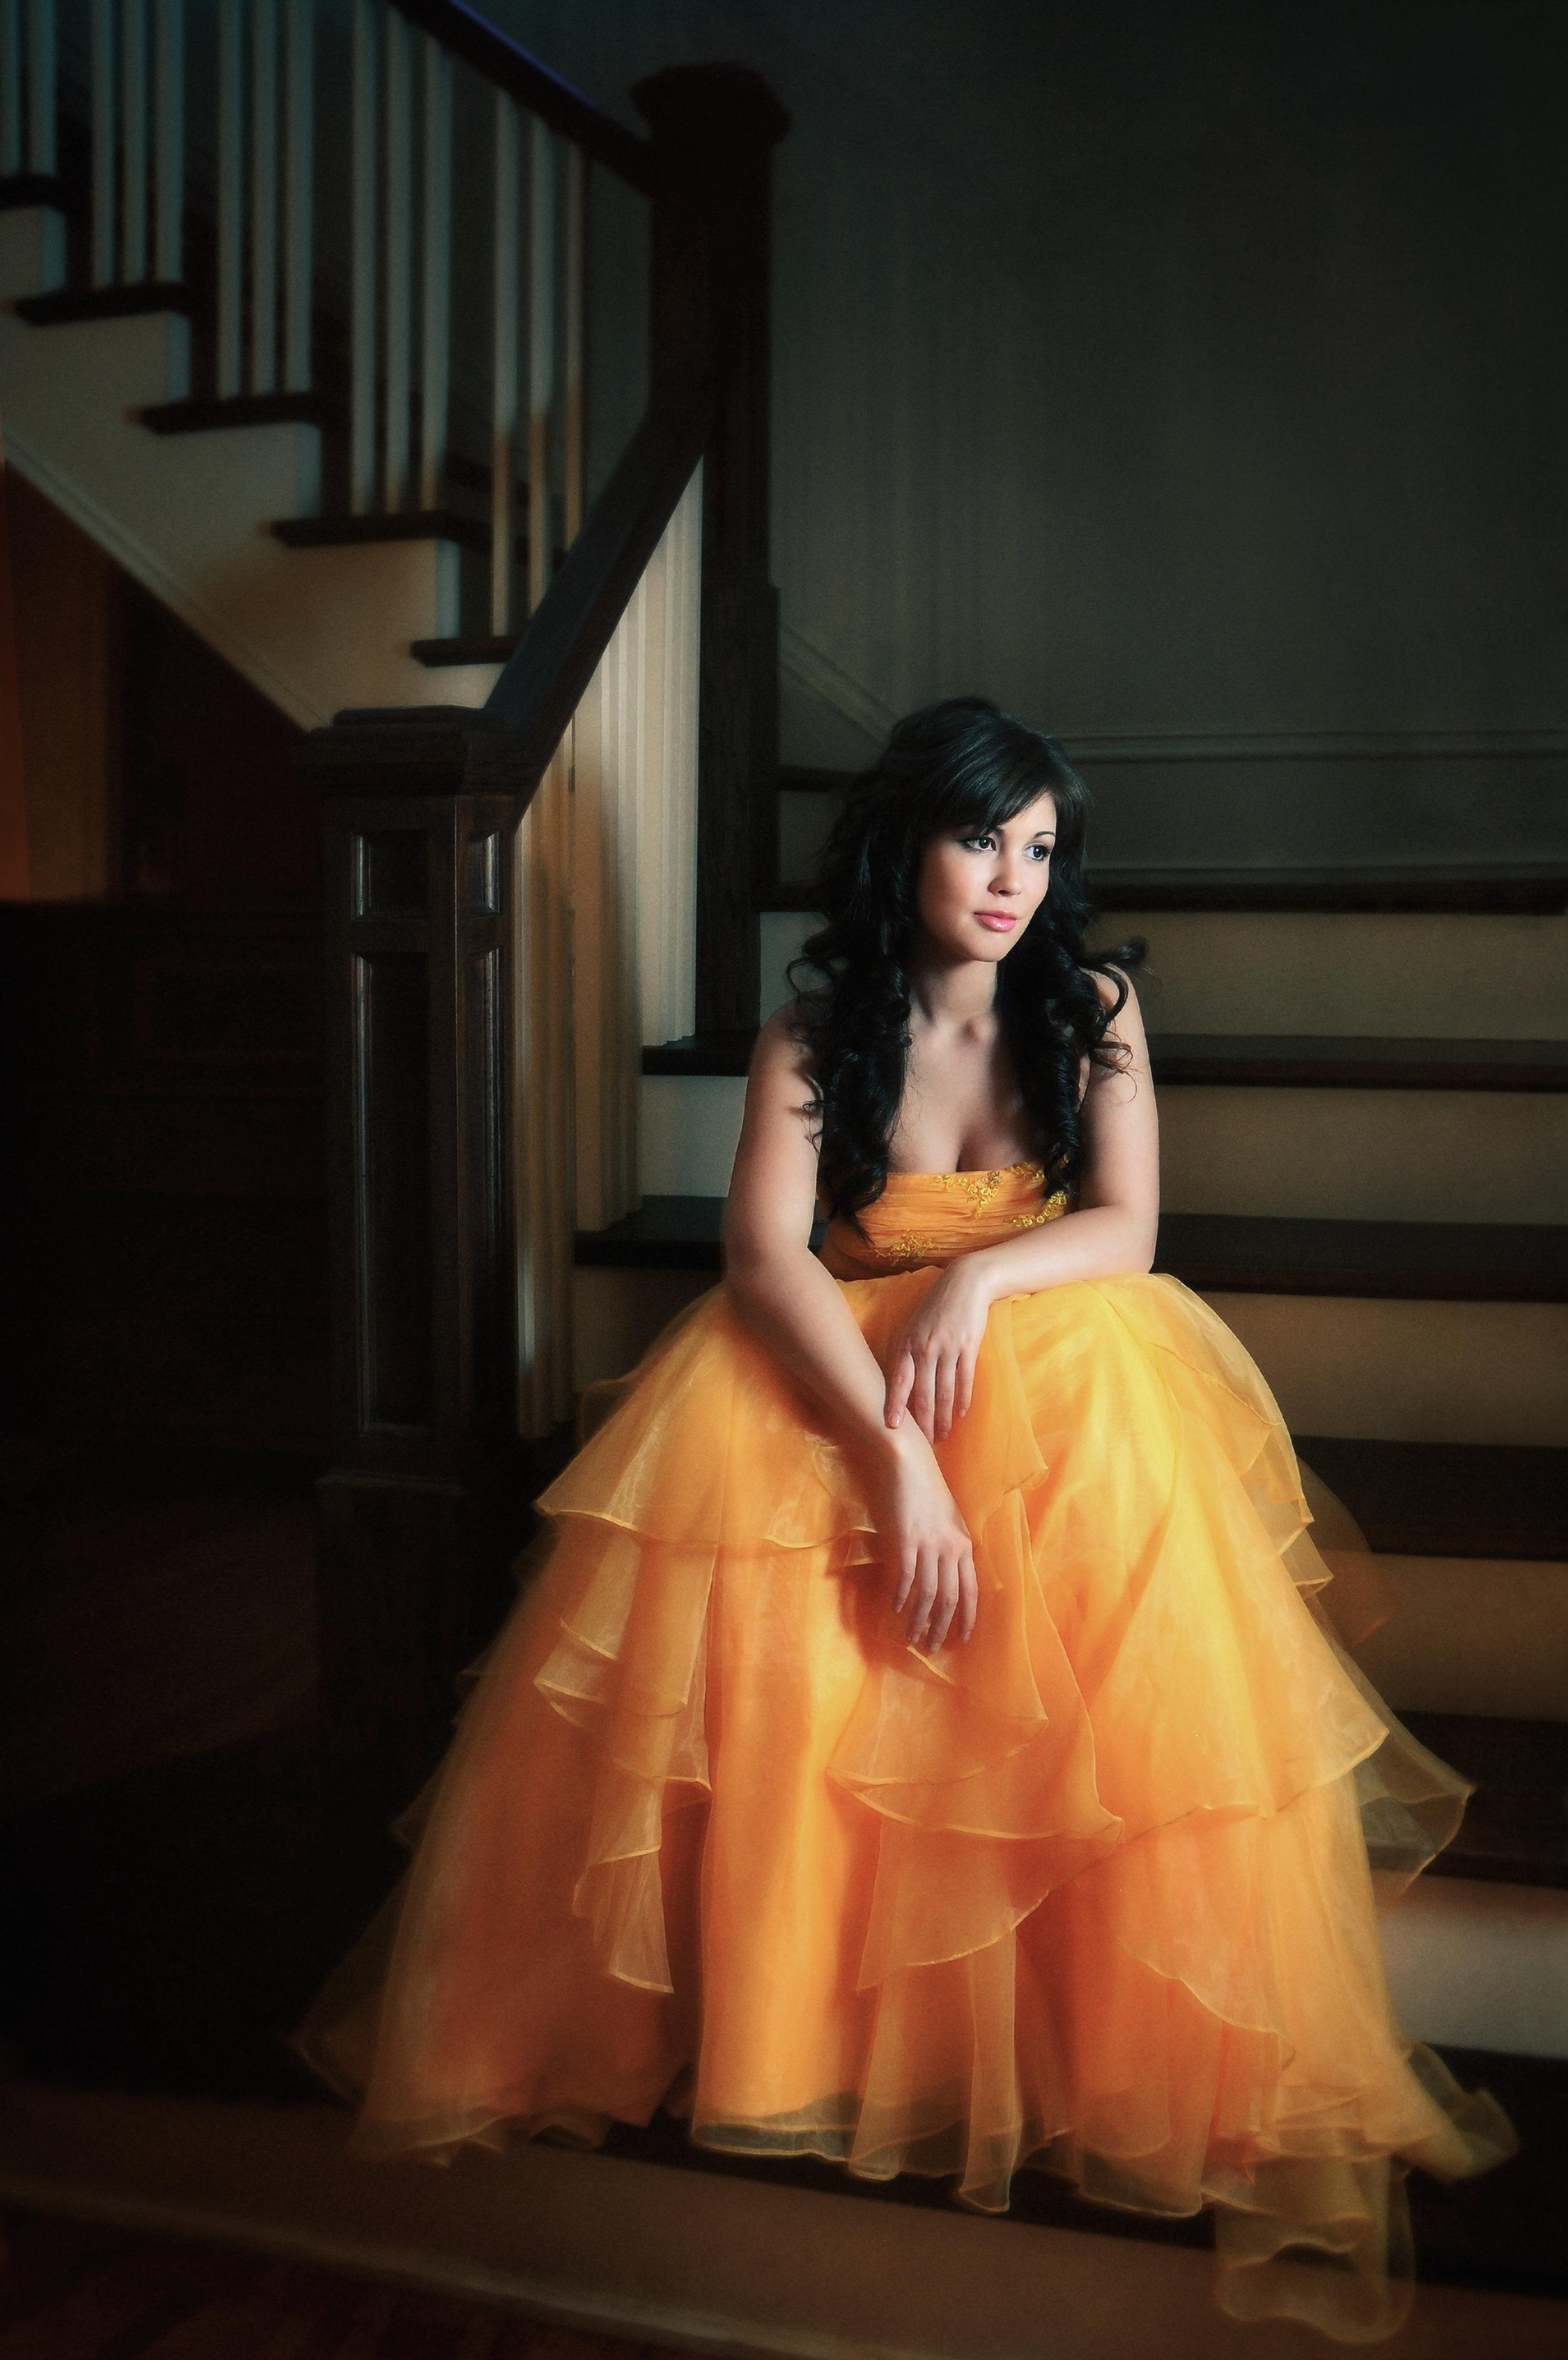 Marta-Hewson-beauty-model-in-bright-orange- dress-on-stairs.jpg